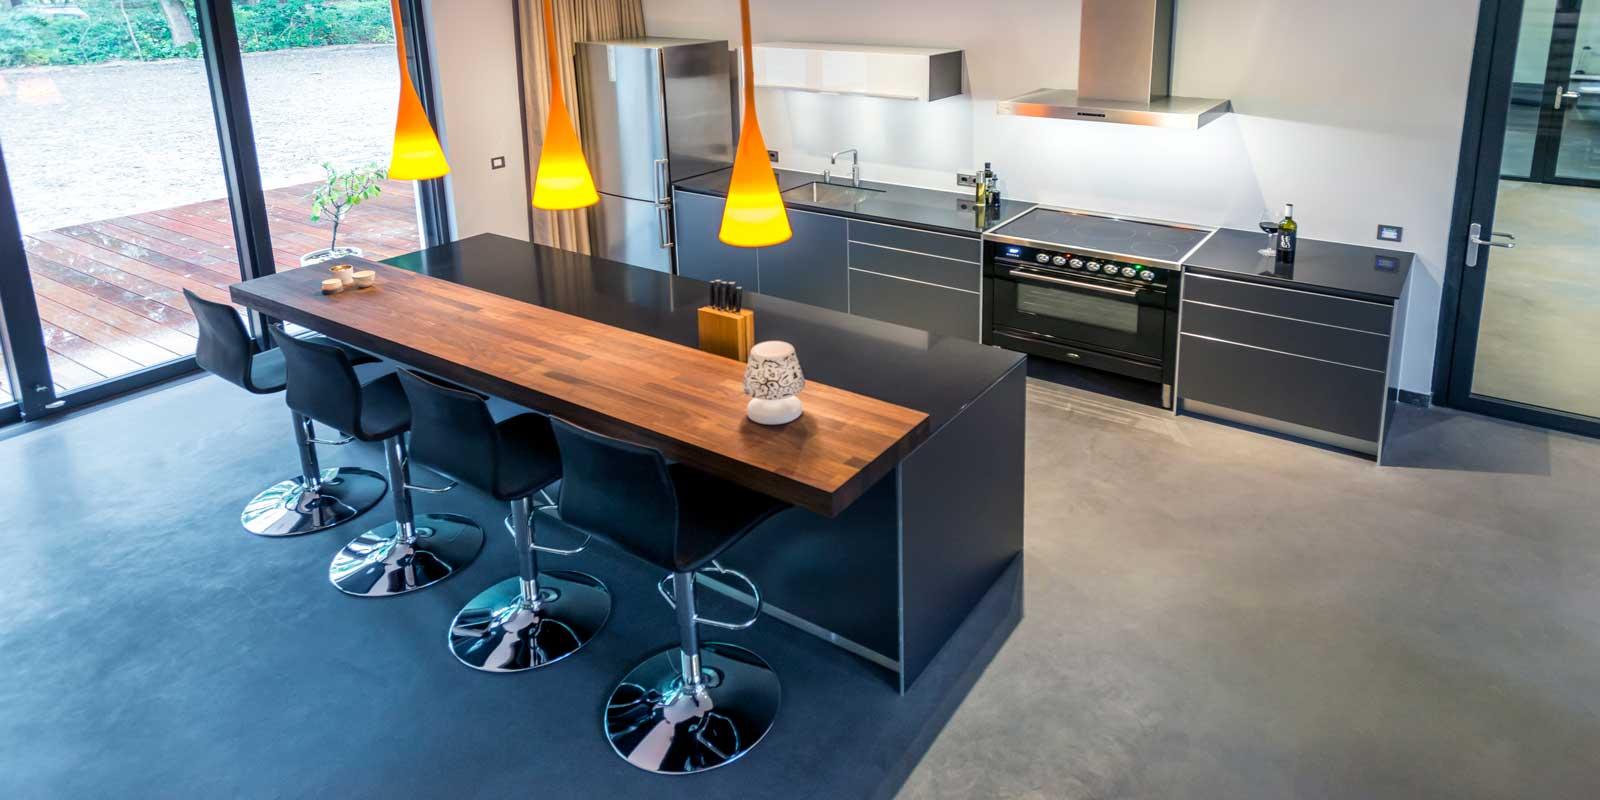 Keuken Design Amersfoort : Keukens Amersfoort - STADSHAEGE